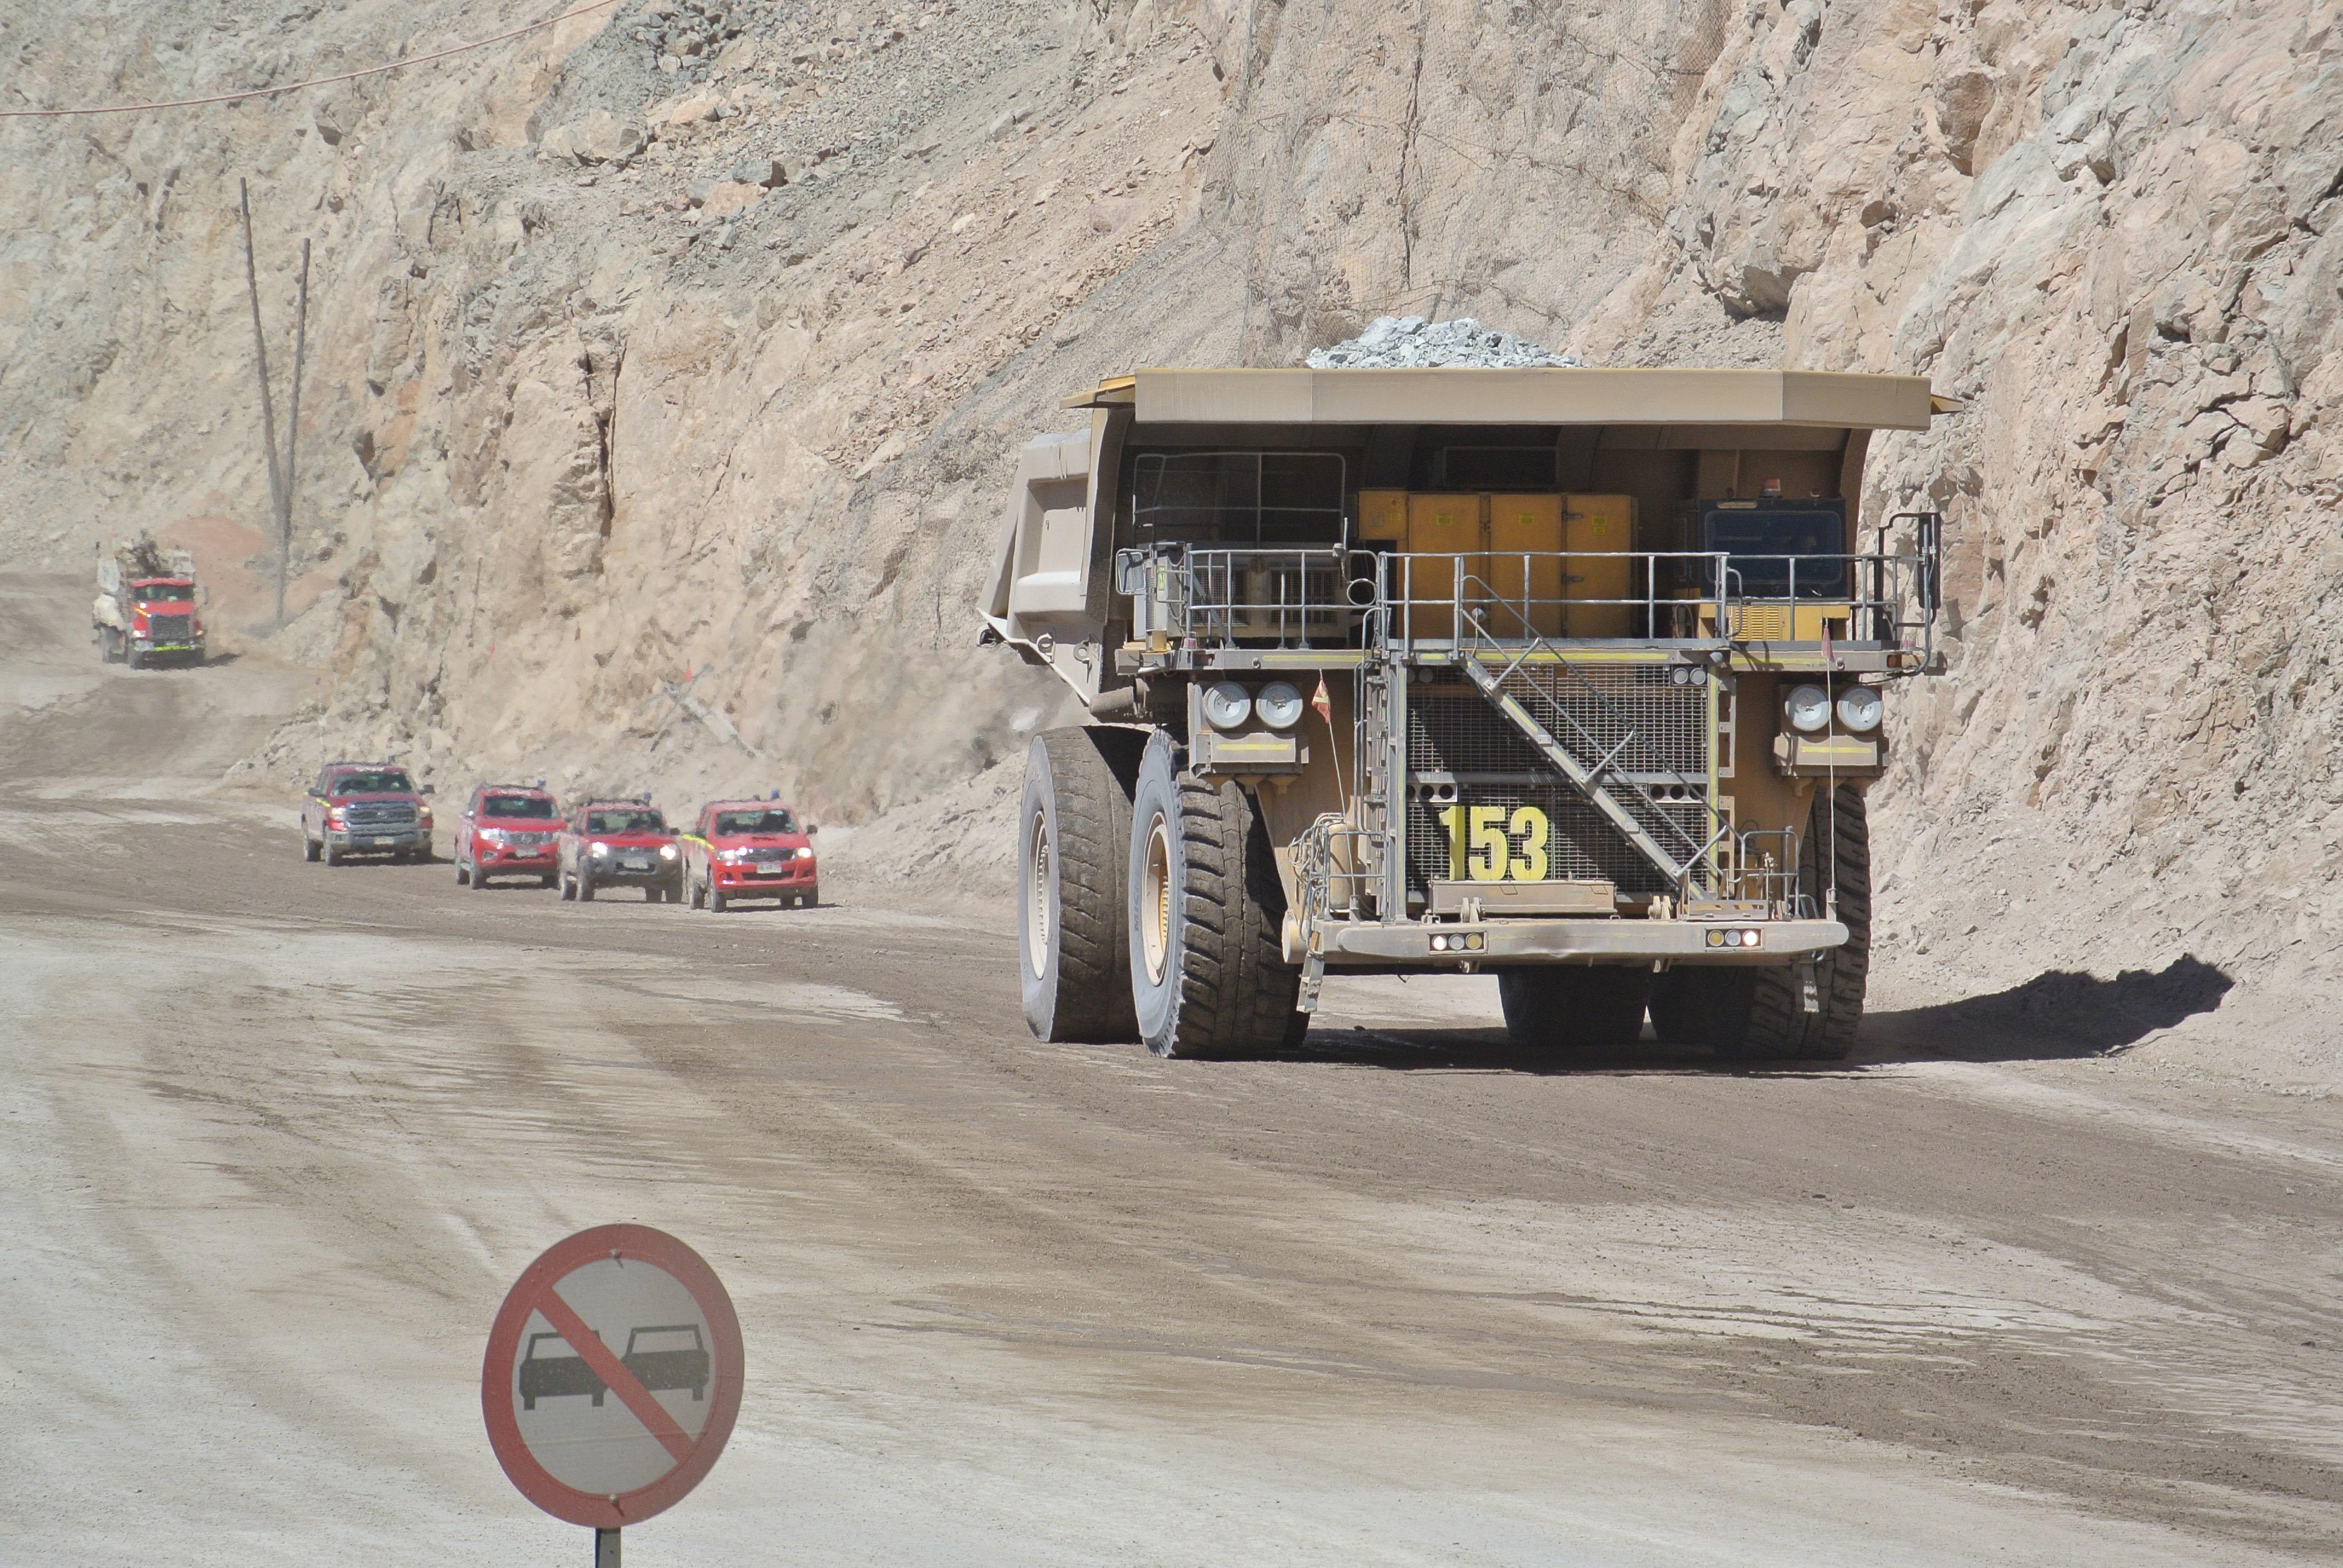 008 1412 Mine Chuquicamata 115jpeg